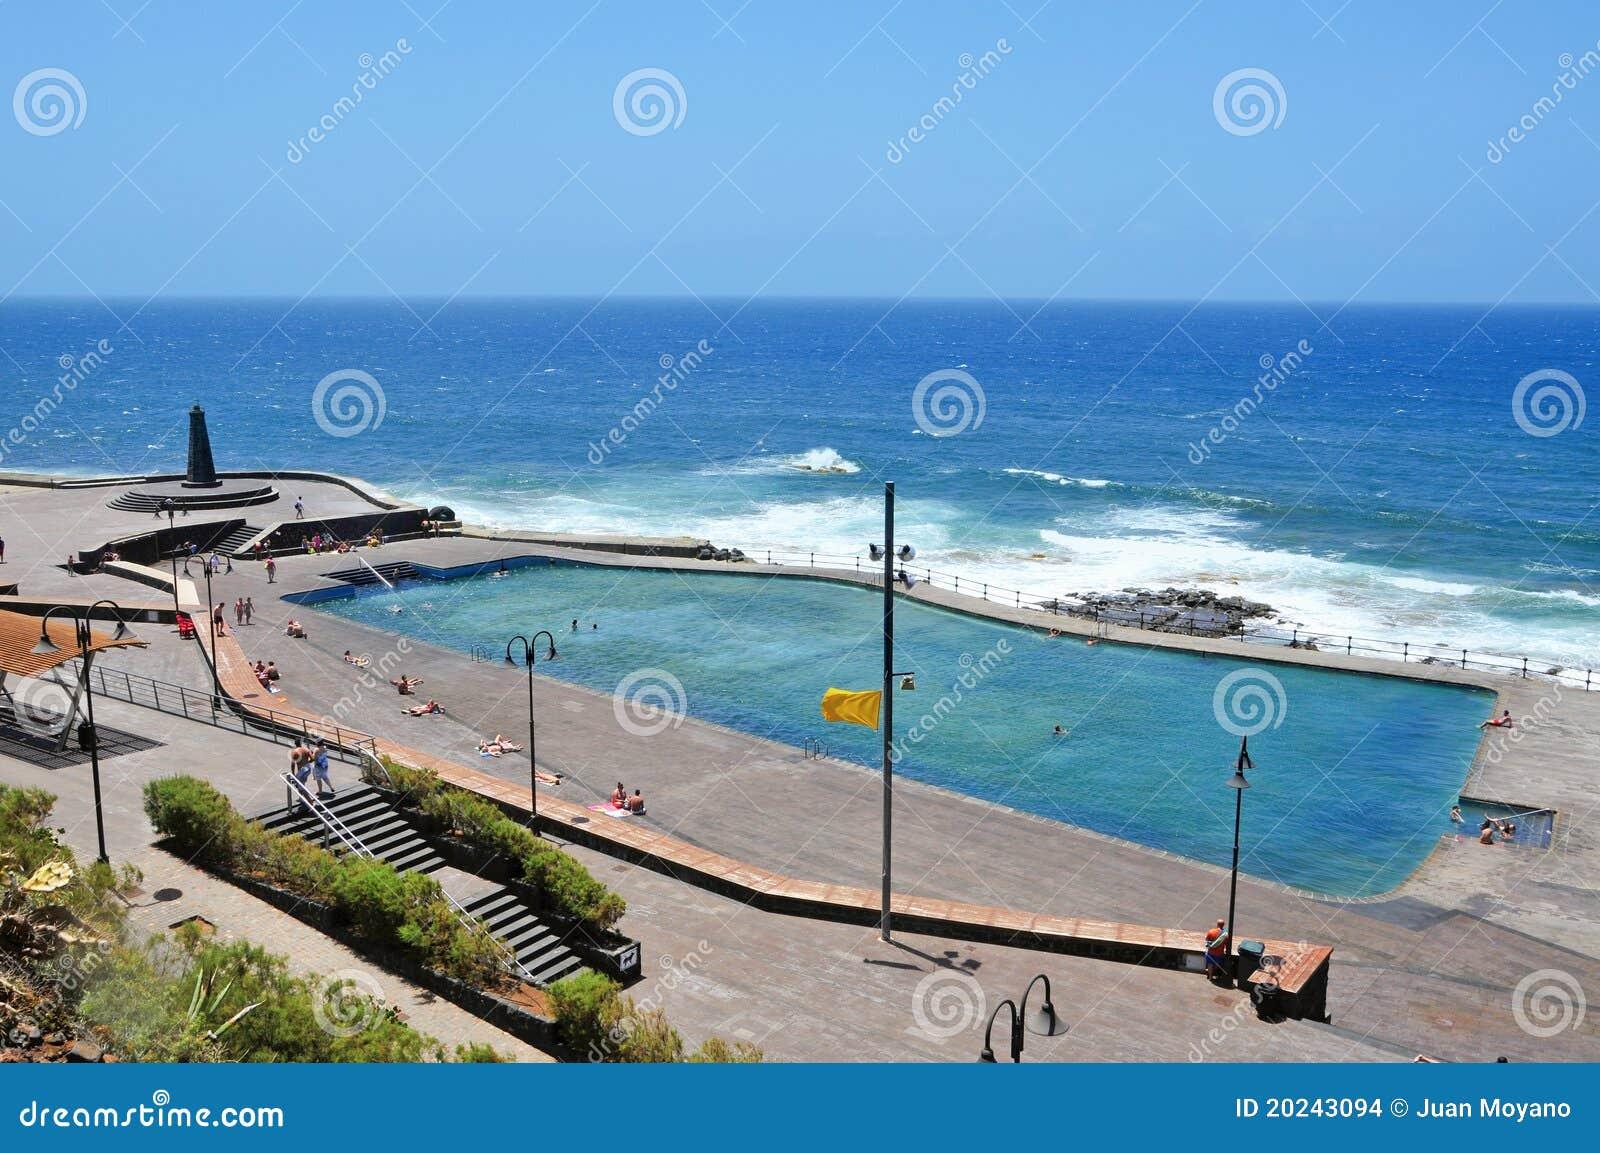 Piscina del agua de mar en bajamar tenerife espa a for Piscinas publicas en el sur de tenerife